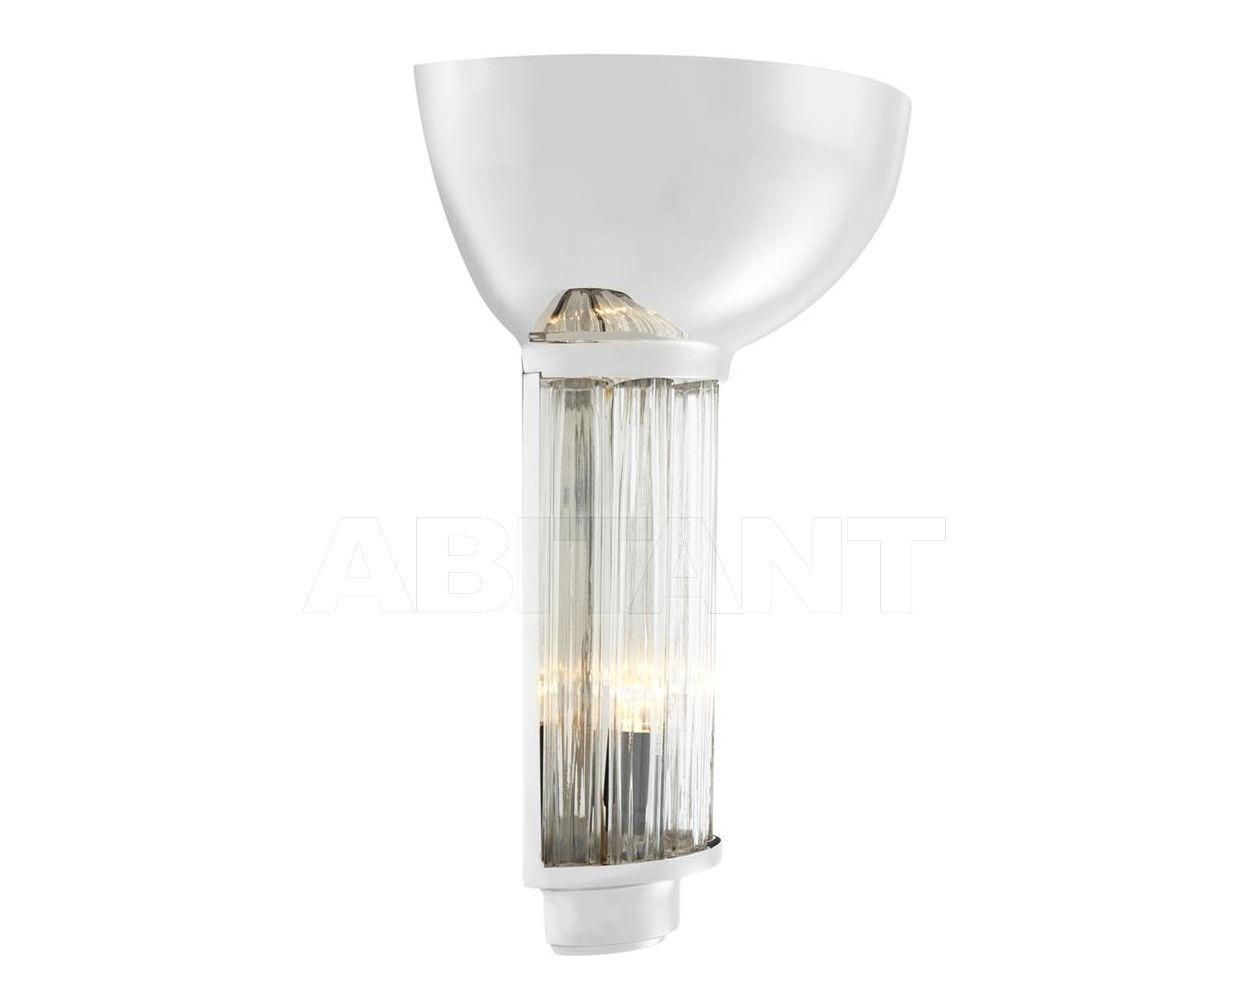 Купить Бра Cafe 1900 Eichholtz  Lighting 106147